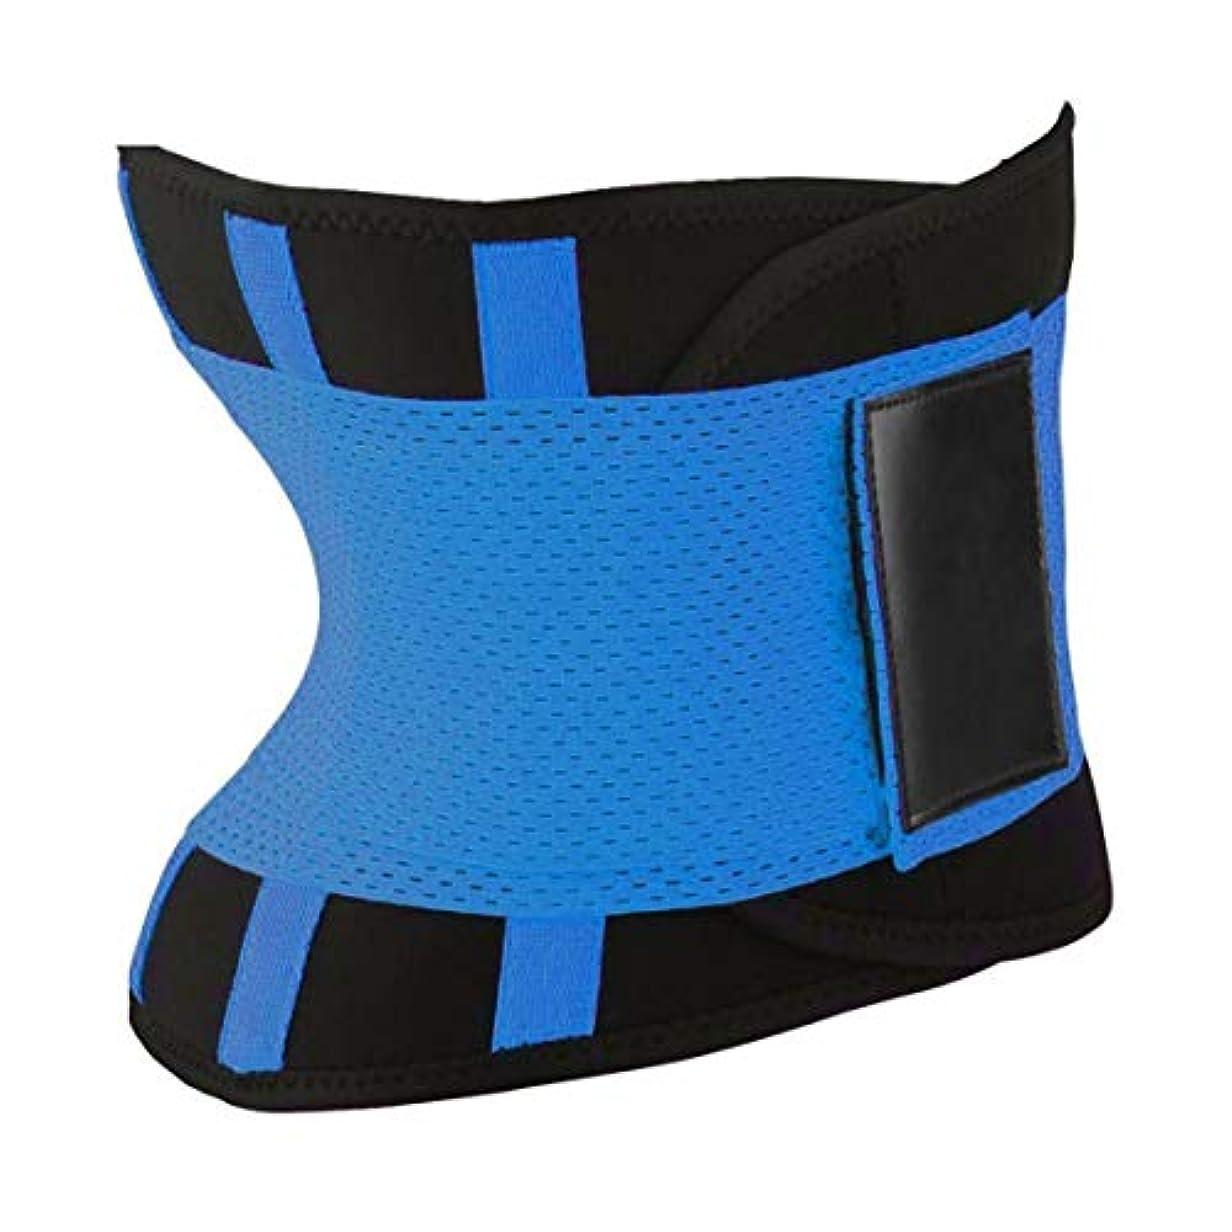 酸度交換前提条件快適な女性ボディシェイパー痩身シェイパーベルトスポーツレディースウエストトレーナーニッパーコントロールバーニングボディおなかベルト - ブルーL